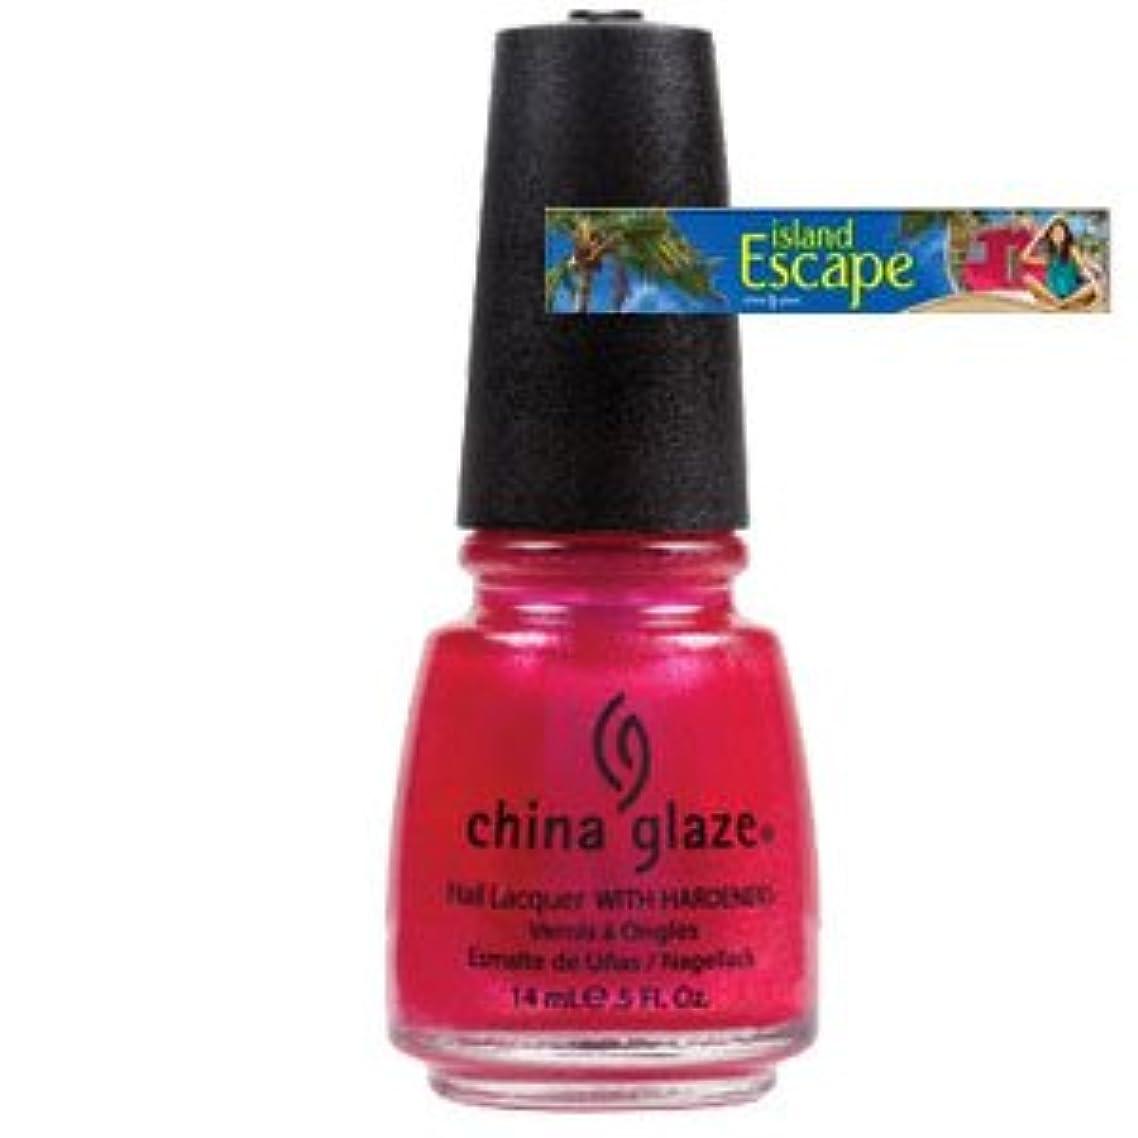 罰神学校狼(チャイナグレイズ)China Glaze アイランドエスケープコレクション?108 Degrees [海外直送品][並行輸入品]